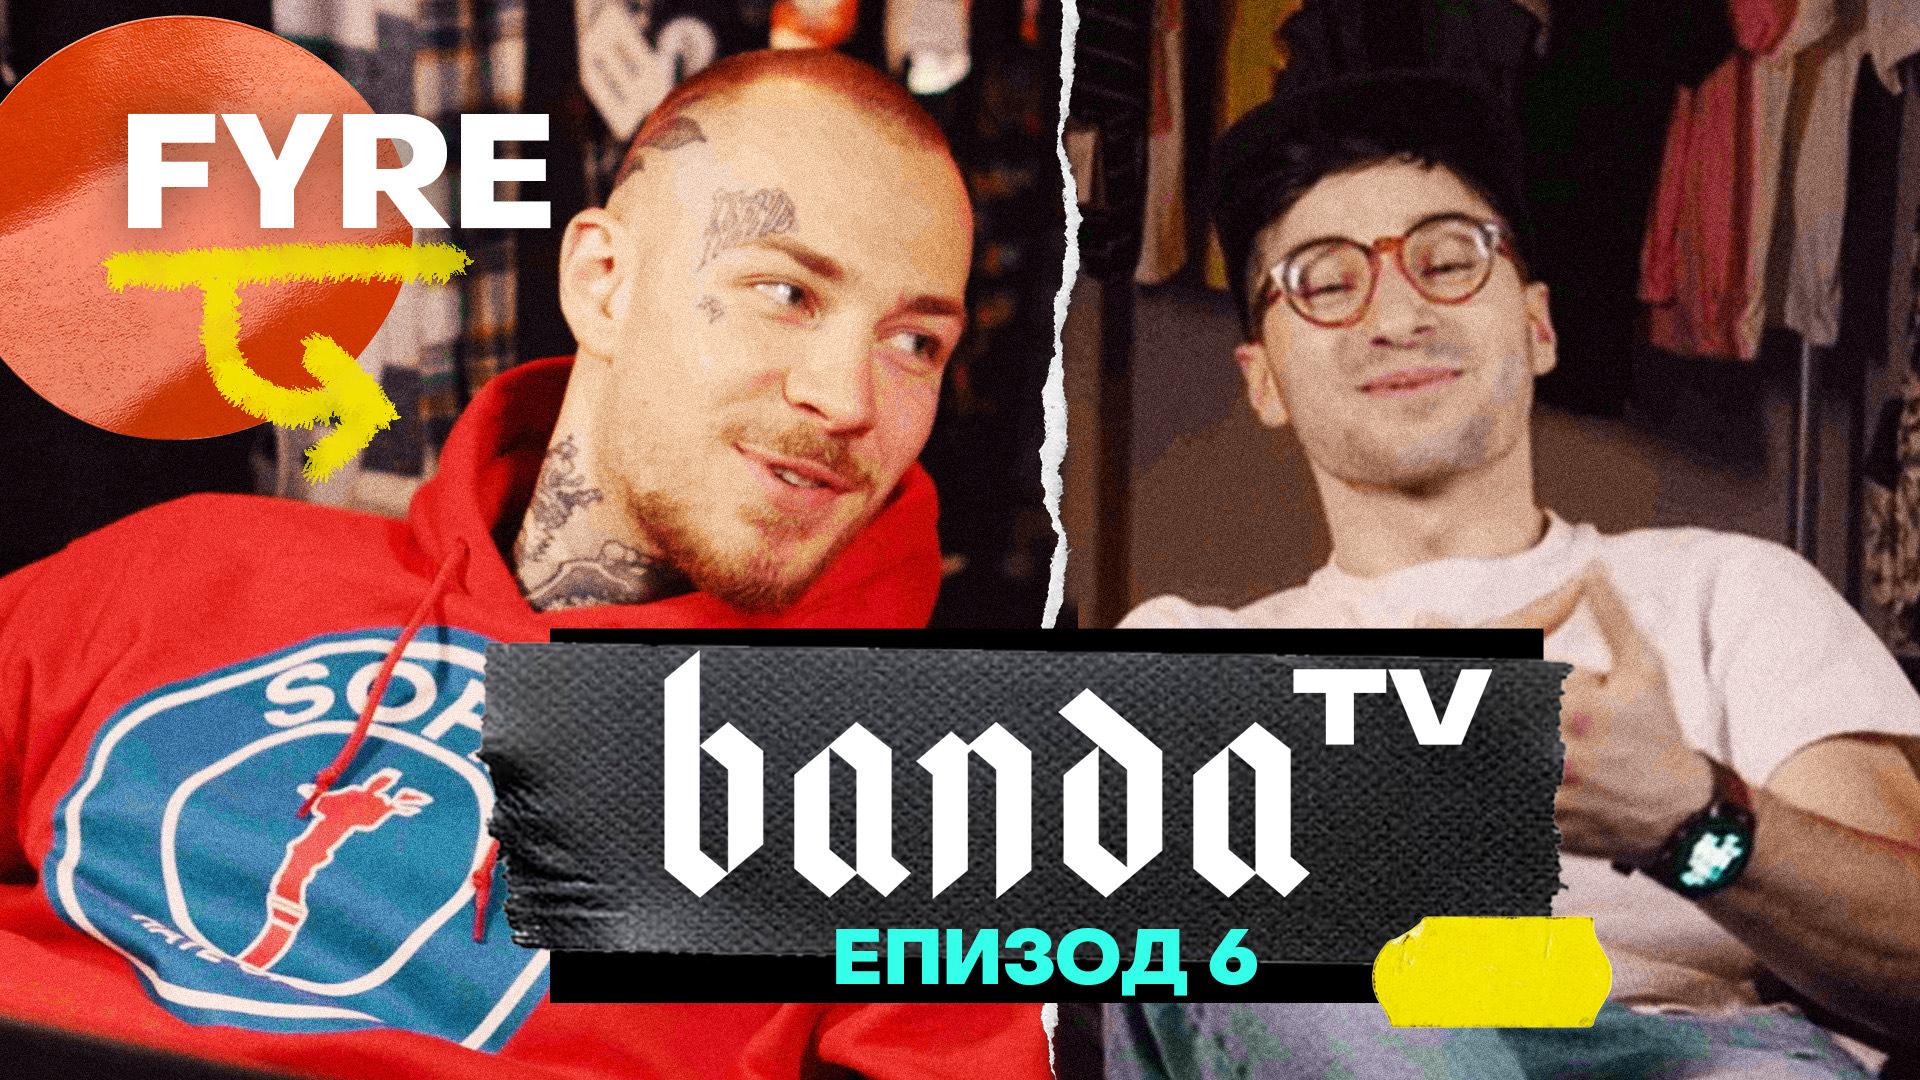 Banda TV - Eпизод 6 с FYRE